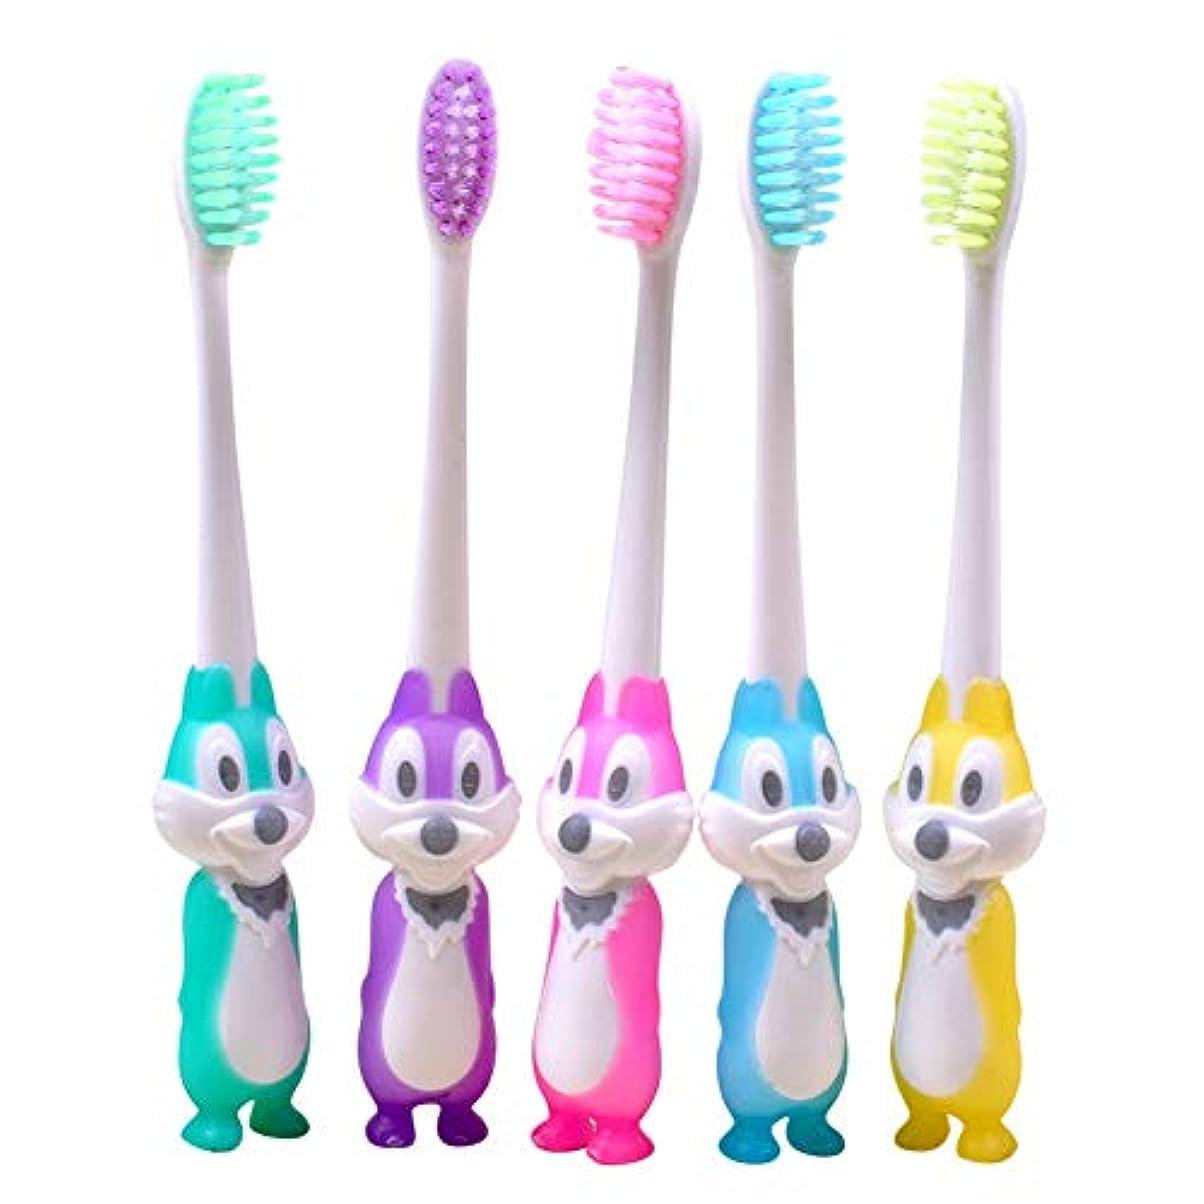 絶え間ない論争何かRad子供 赤ちゃん漫画形状ソフト歯ブラシ子供歯科口腔ケアブラシツール歯ブラシ